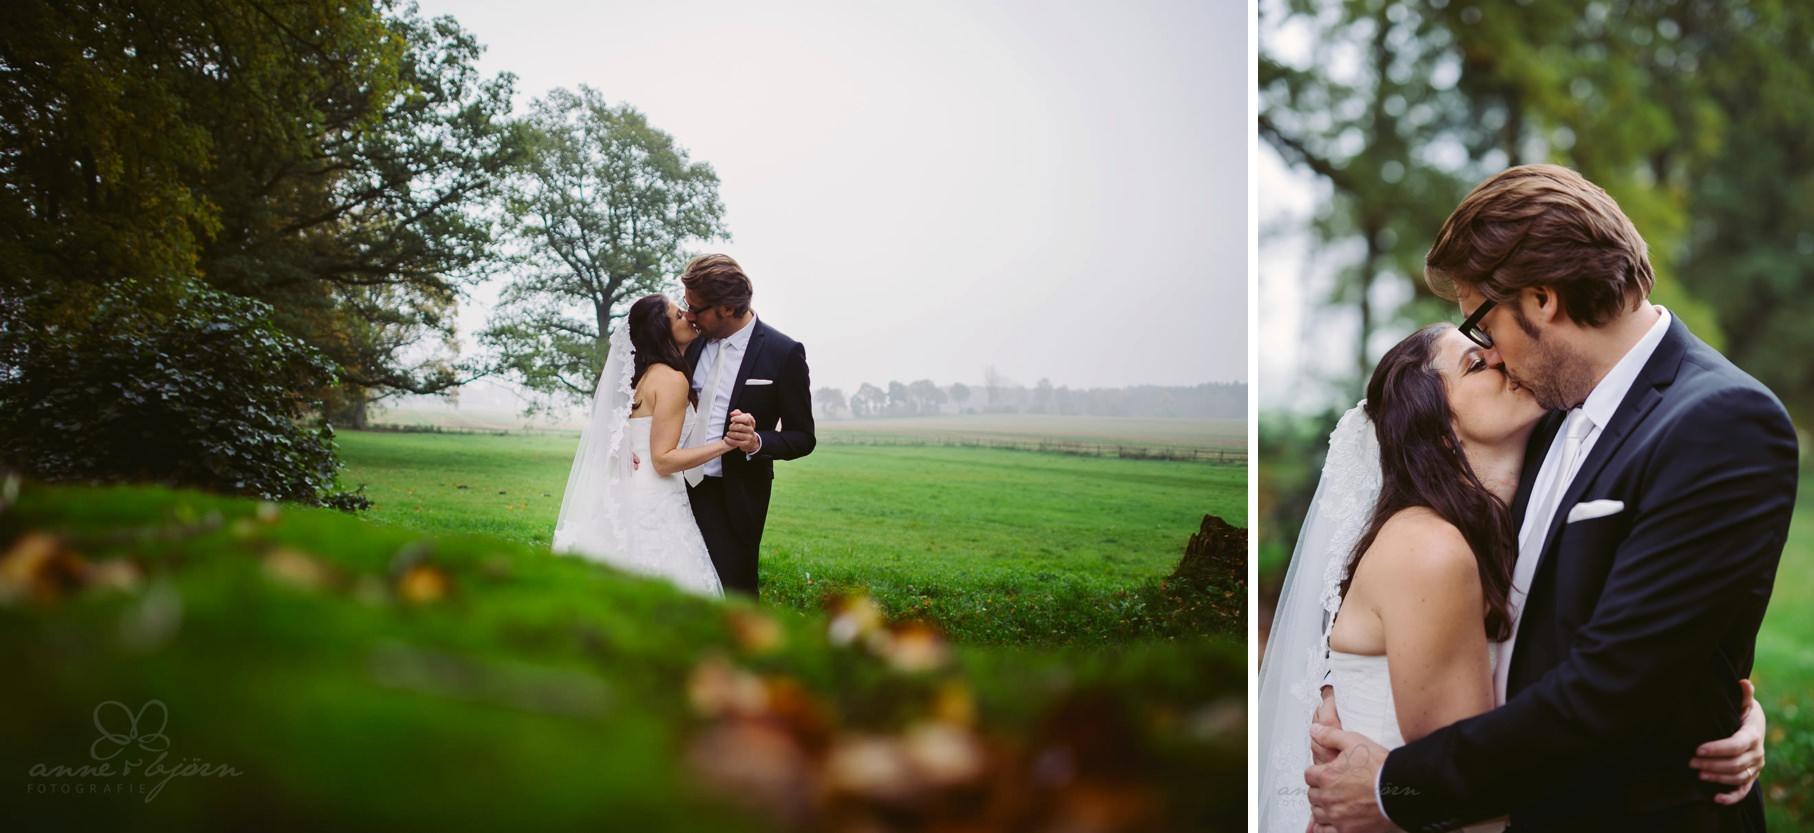 0100 aub 812 9939 - Hochzeit auf Gut Thansen - Anja & Björn